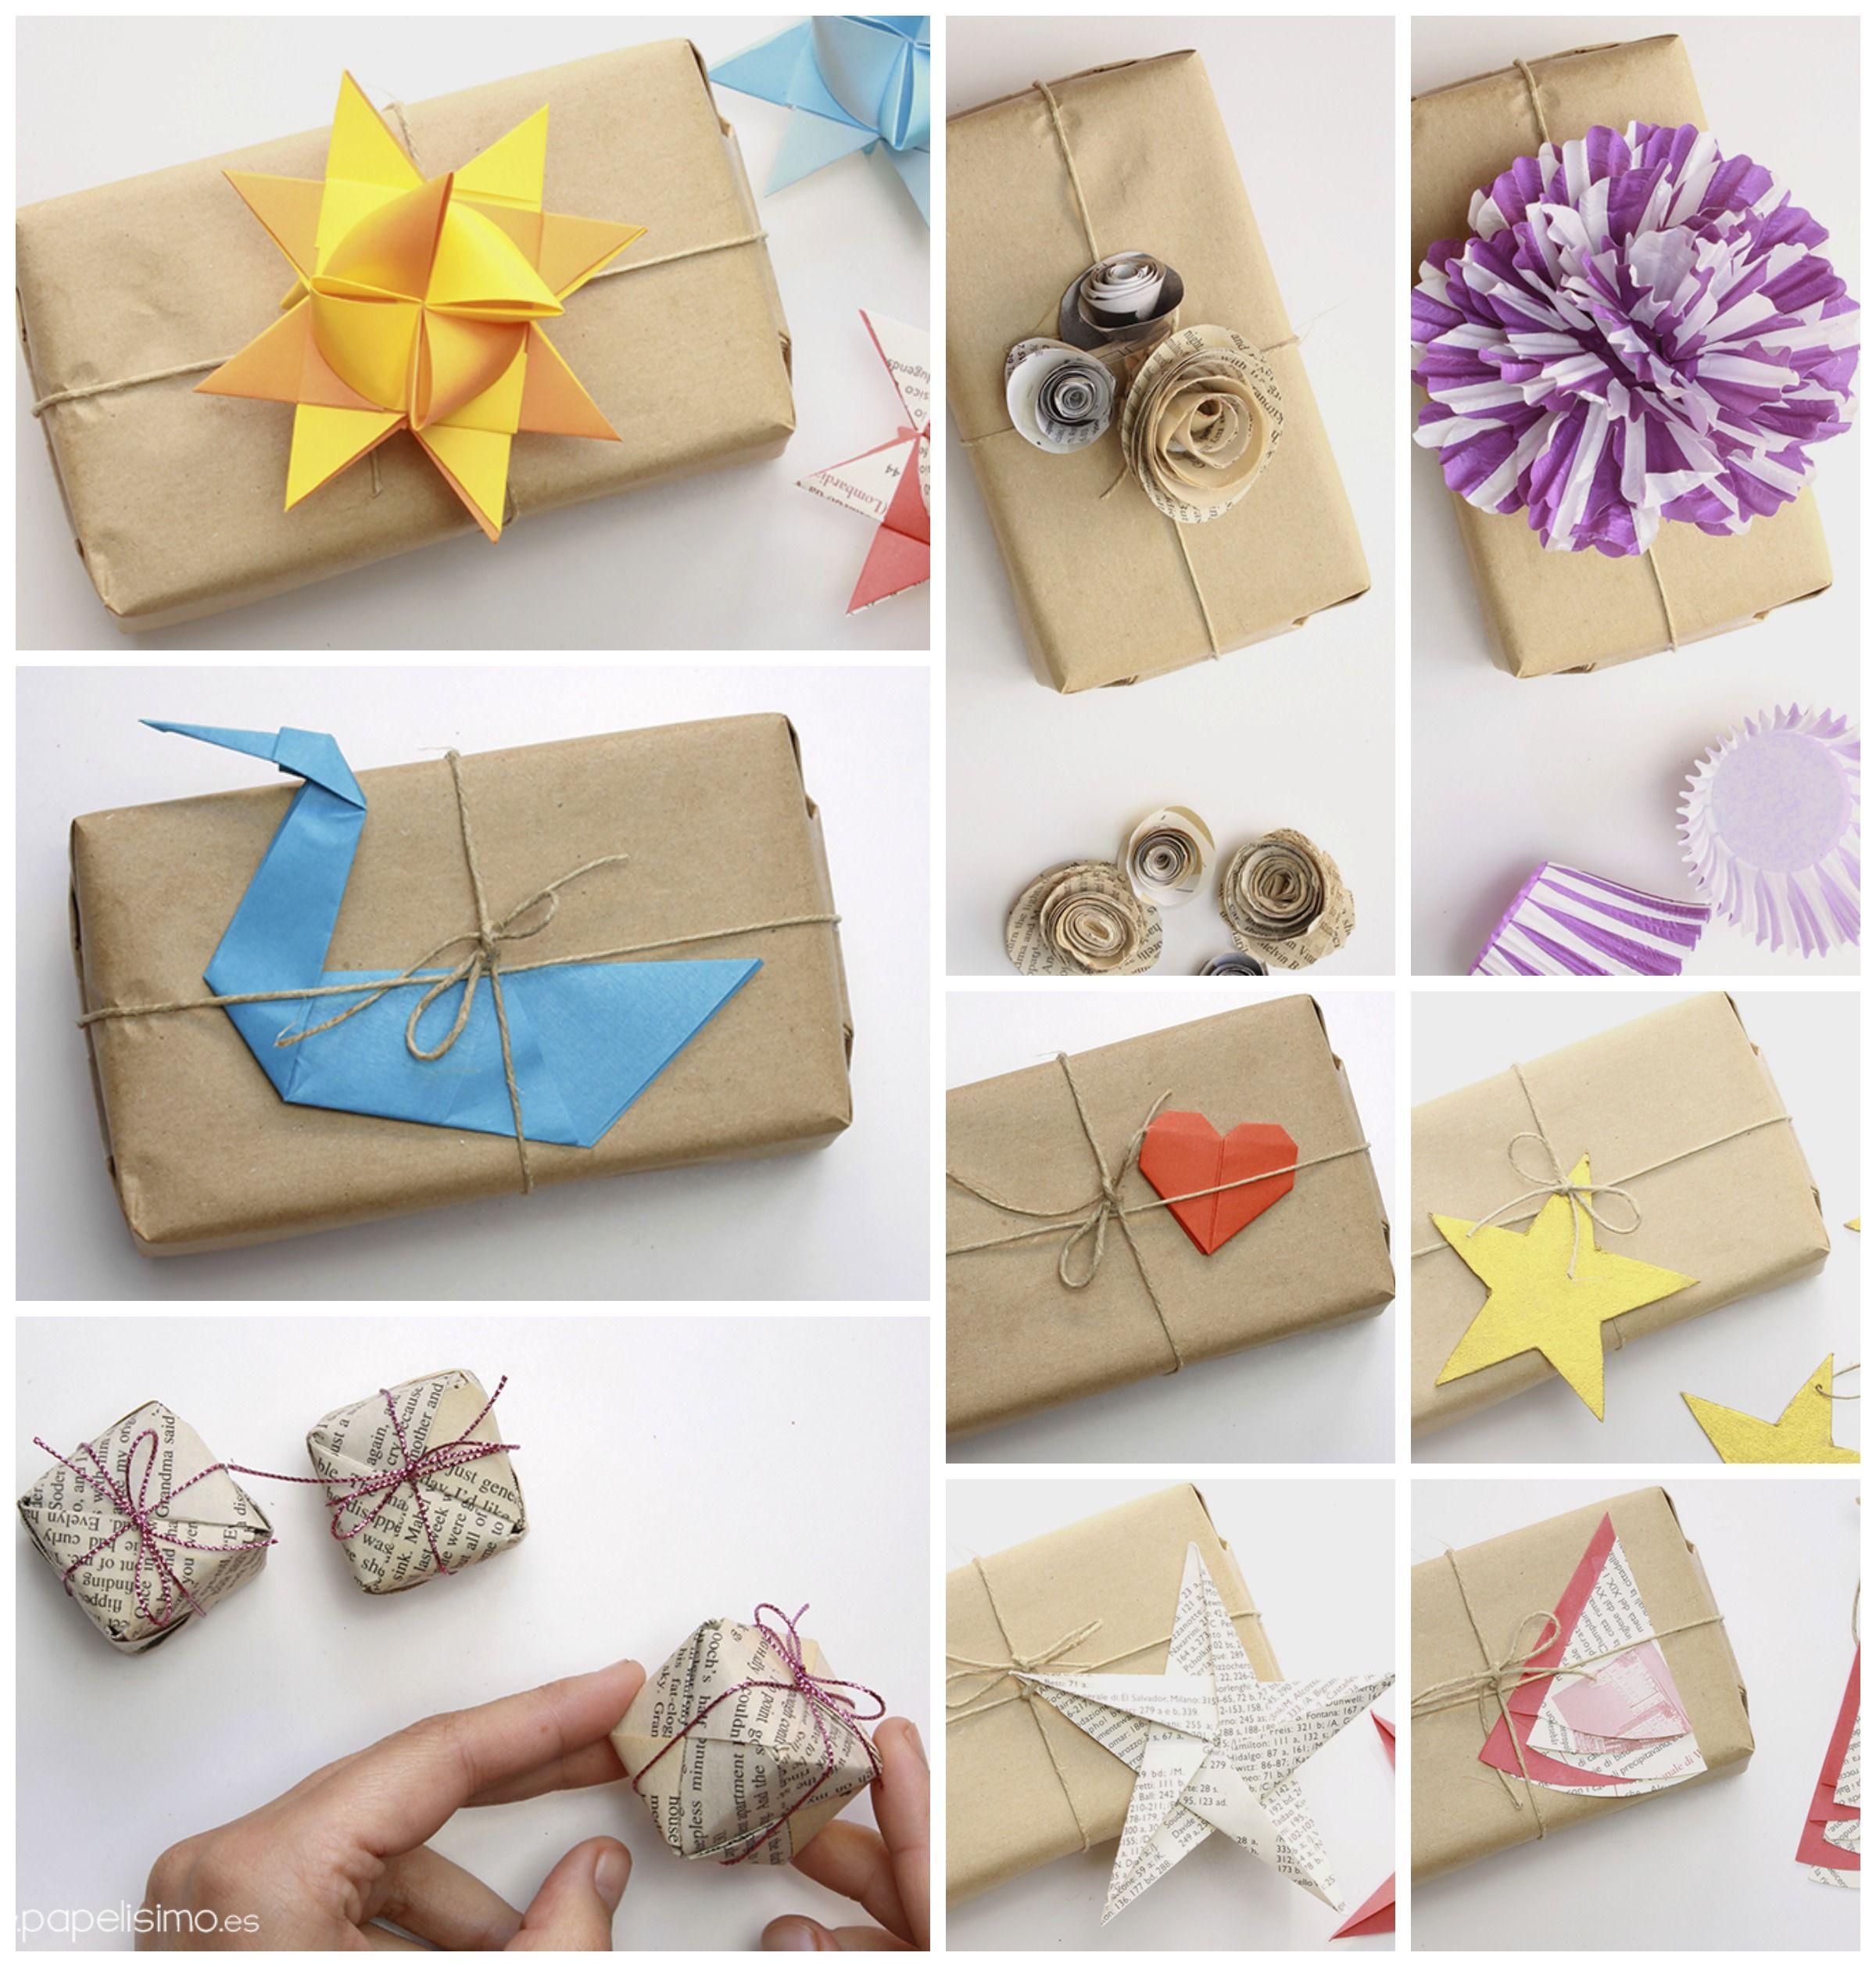 Envolver regalos originales con papel embalar craft - Regalos envueltos originales ...